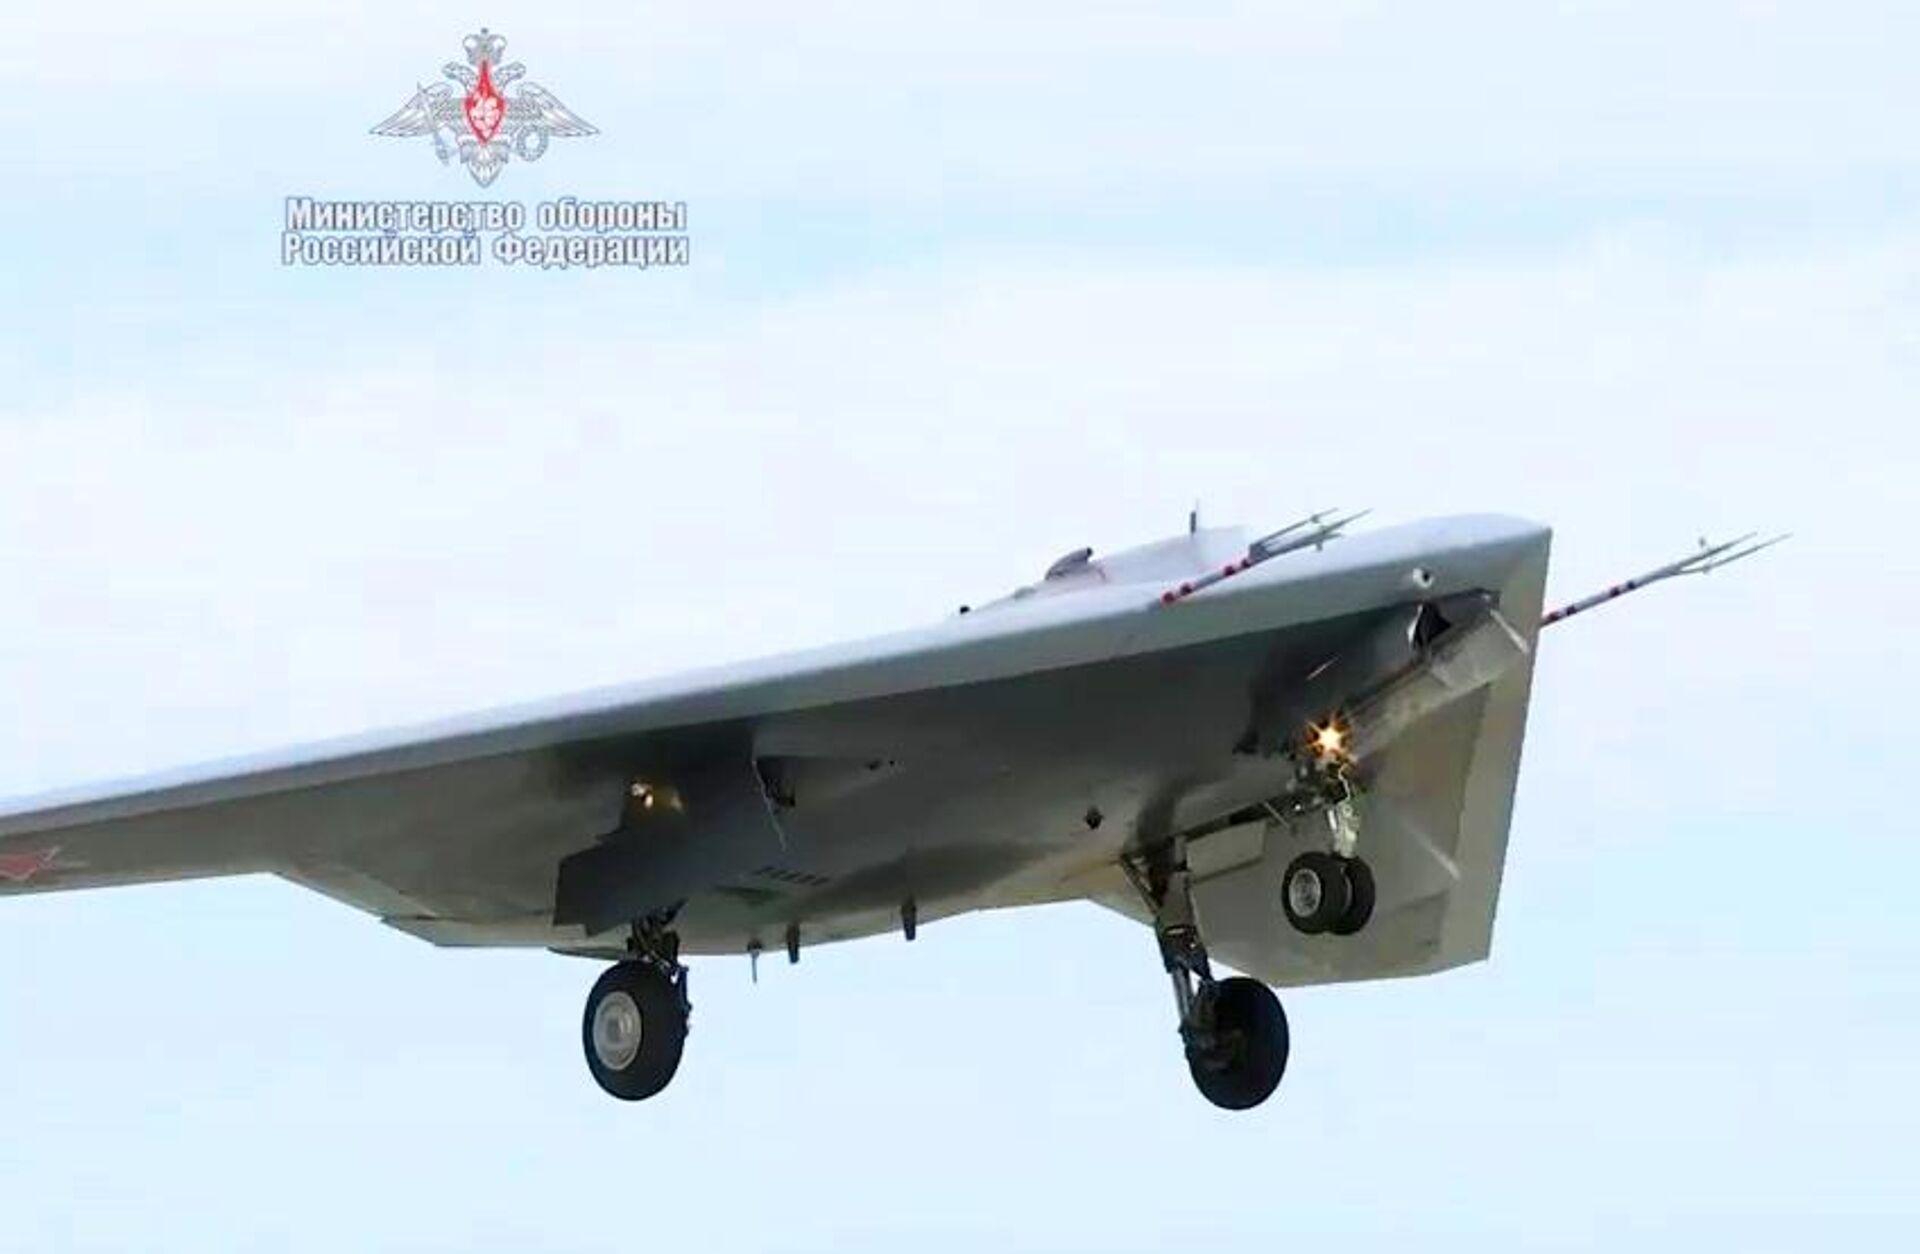 Новейший ударный беспилотник Охотник совершил первый совместный полет с Су-57 - РИА Новости, 1920, 30.12.2020